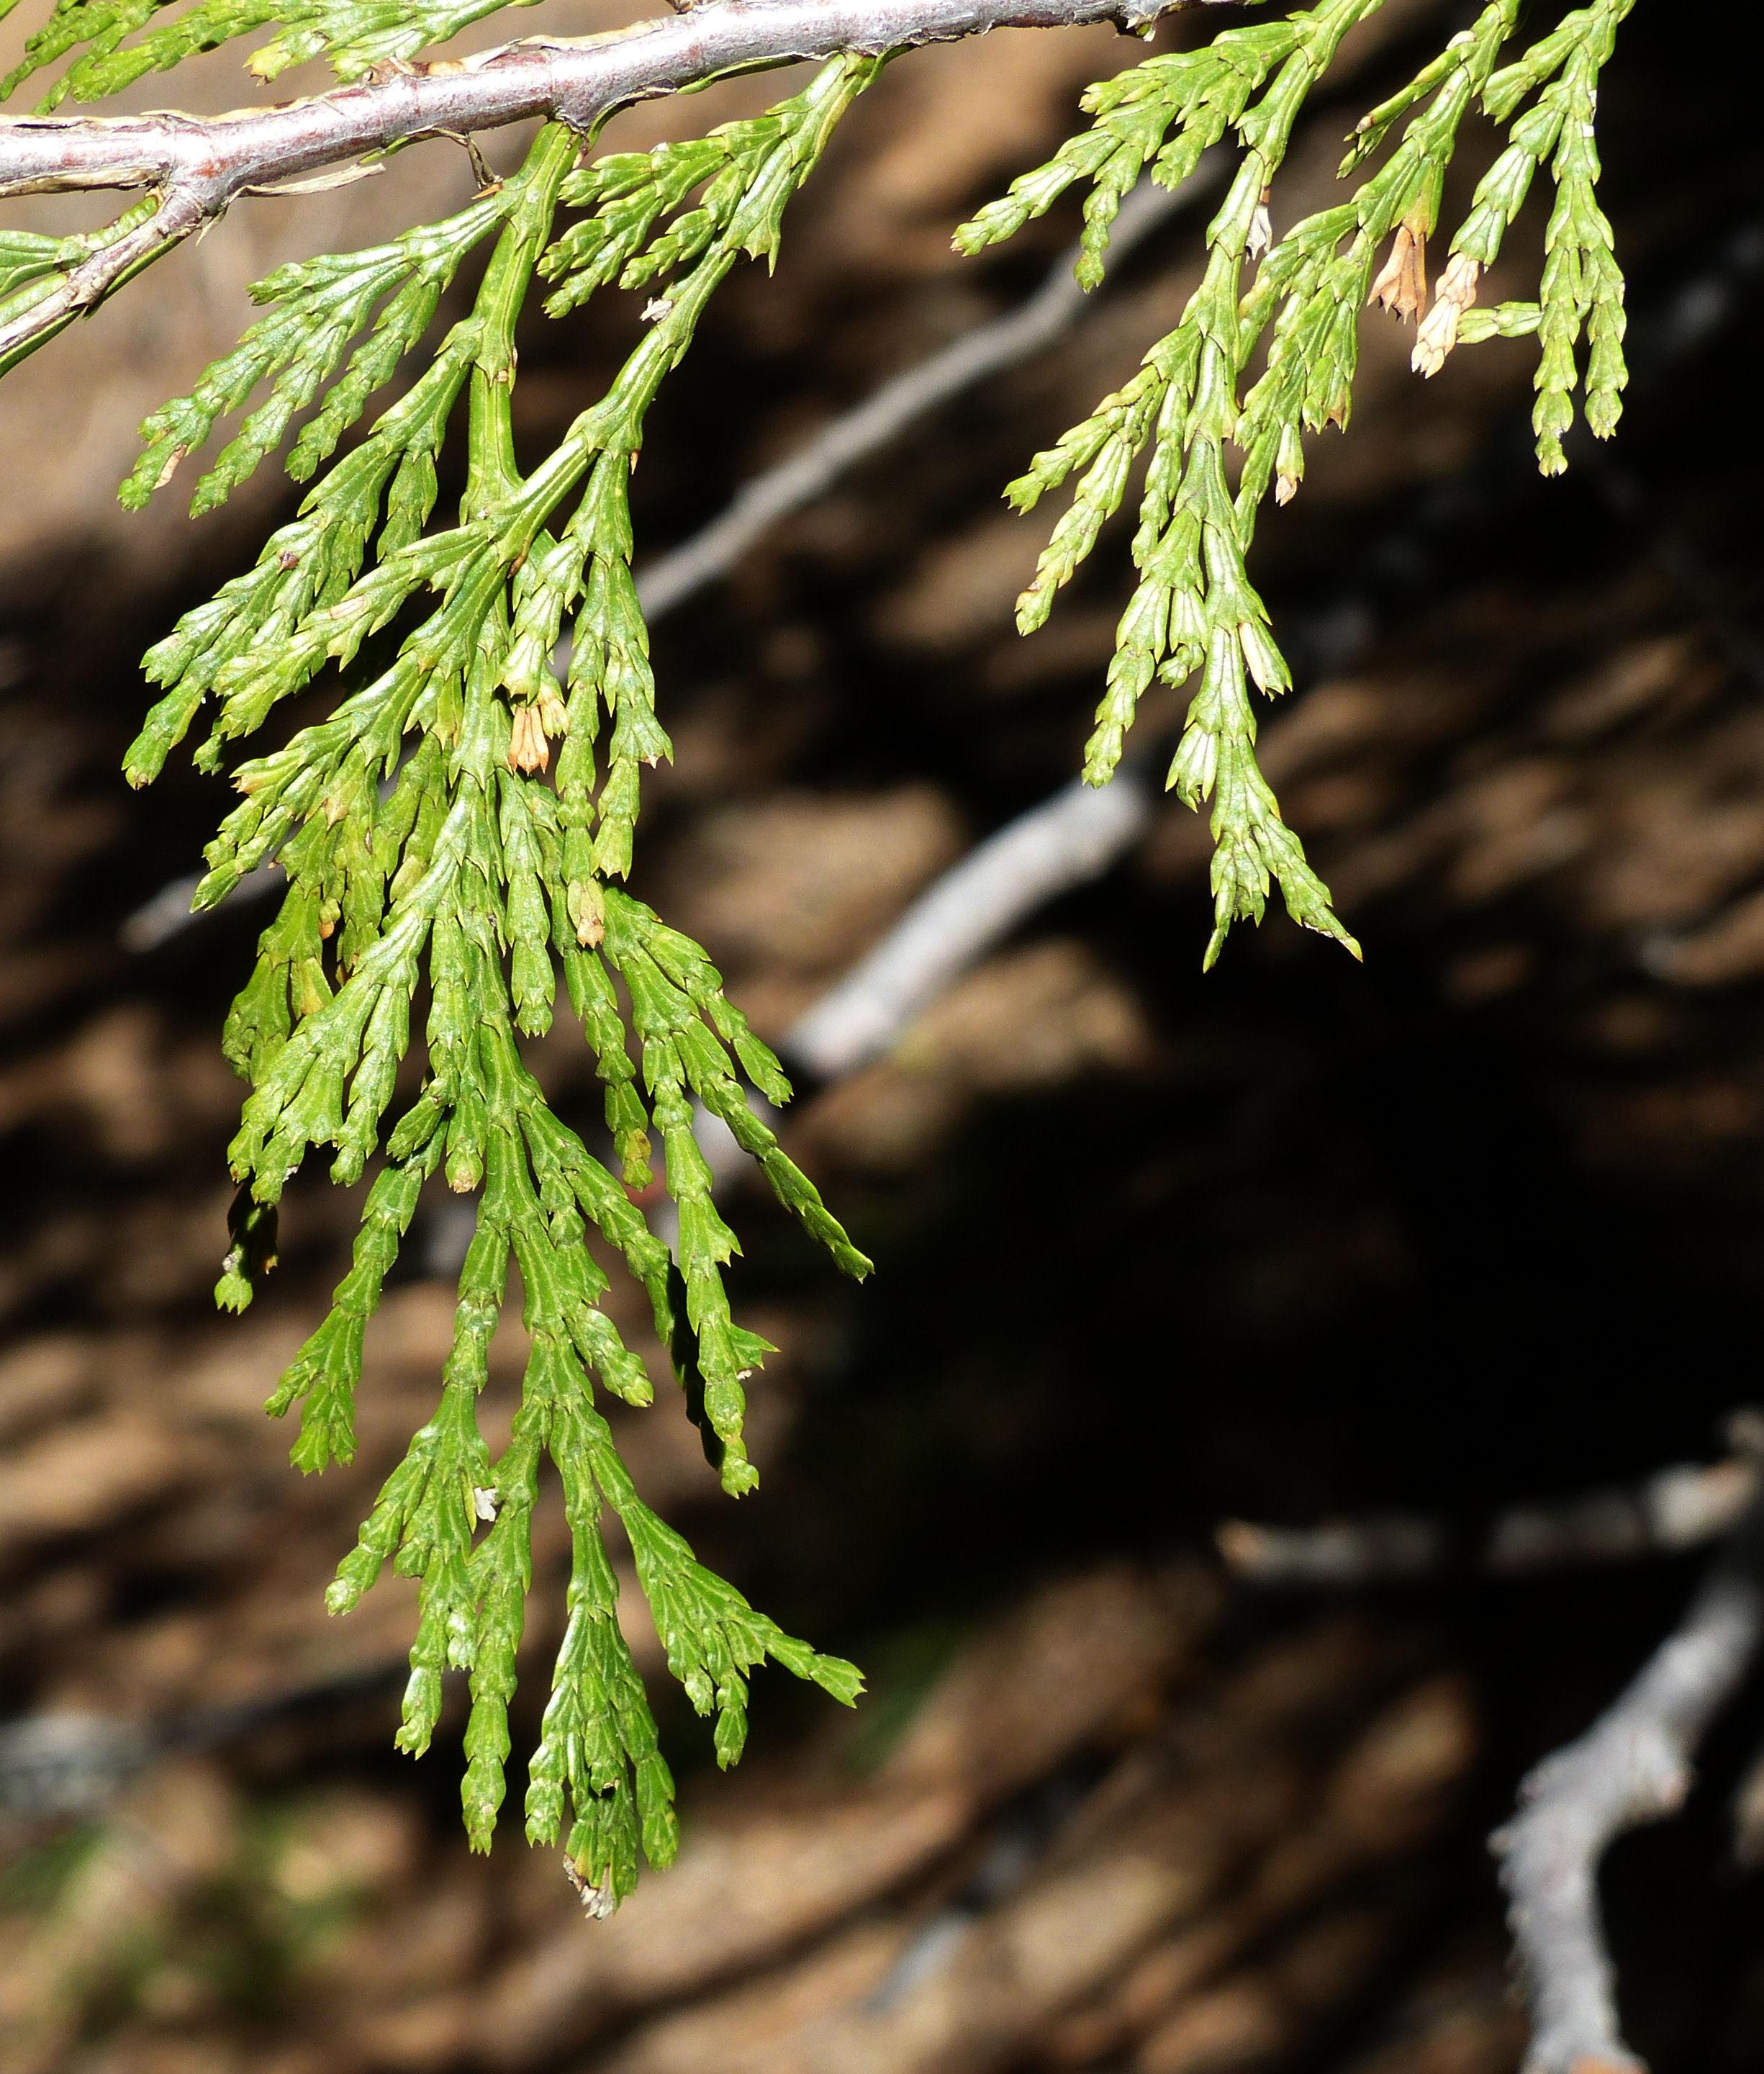 © Dipartimento di Scienze della Vita, Università di Trieste<br>by Andrea Moro<br>Yosemite National Park, California, U.S.A., 08/11/2014<br>Distributed under CC-BY-SA 4.0 license.